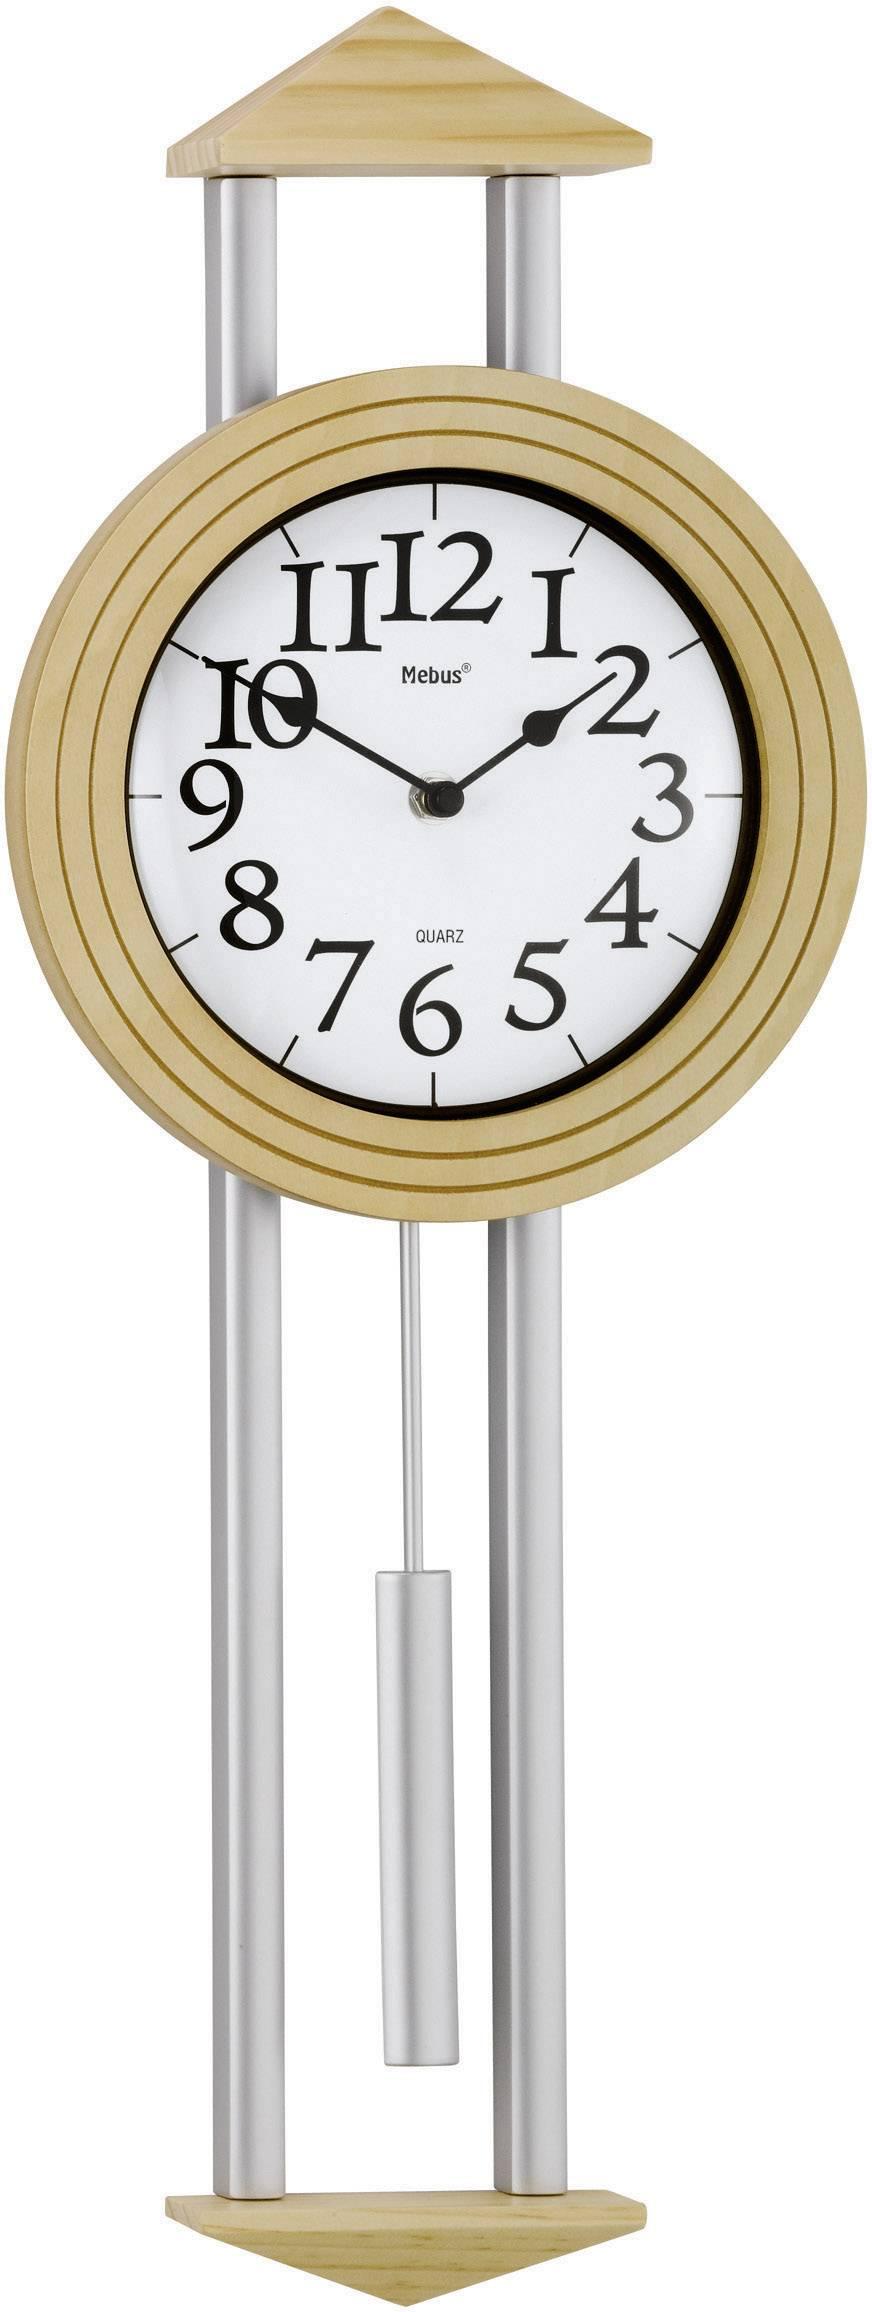 Quartz kyvadlové nástenné hodiny Mebus 665102, strieborná, javorová